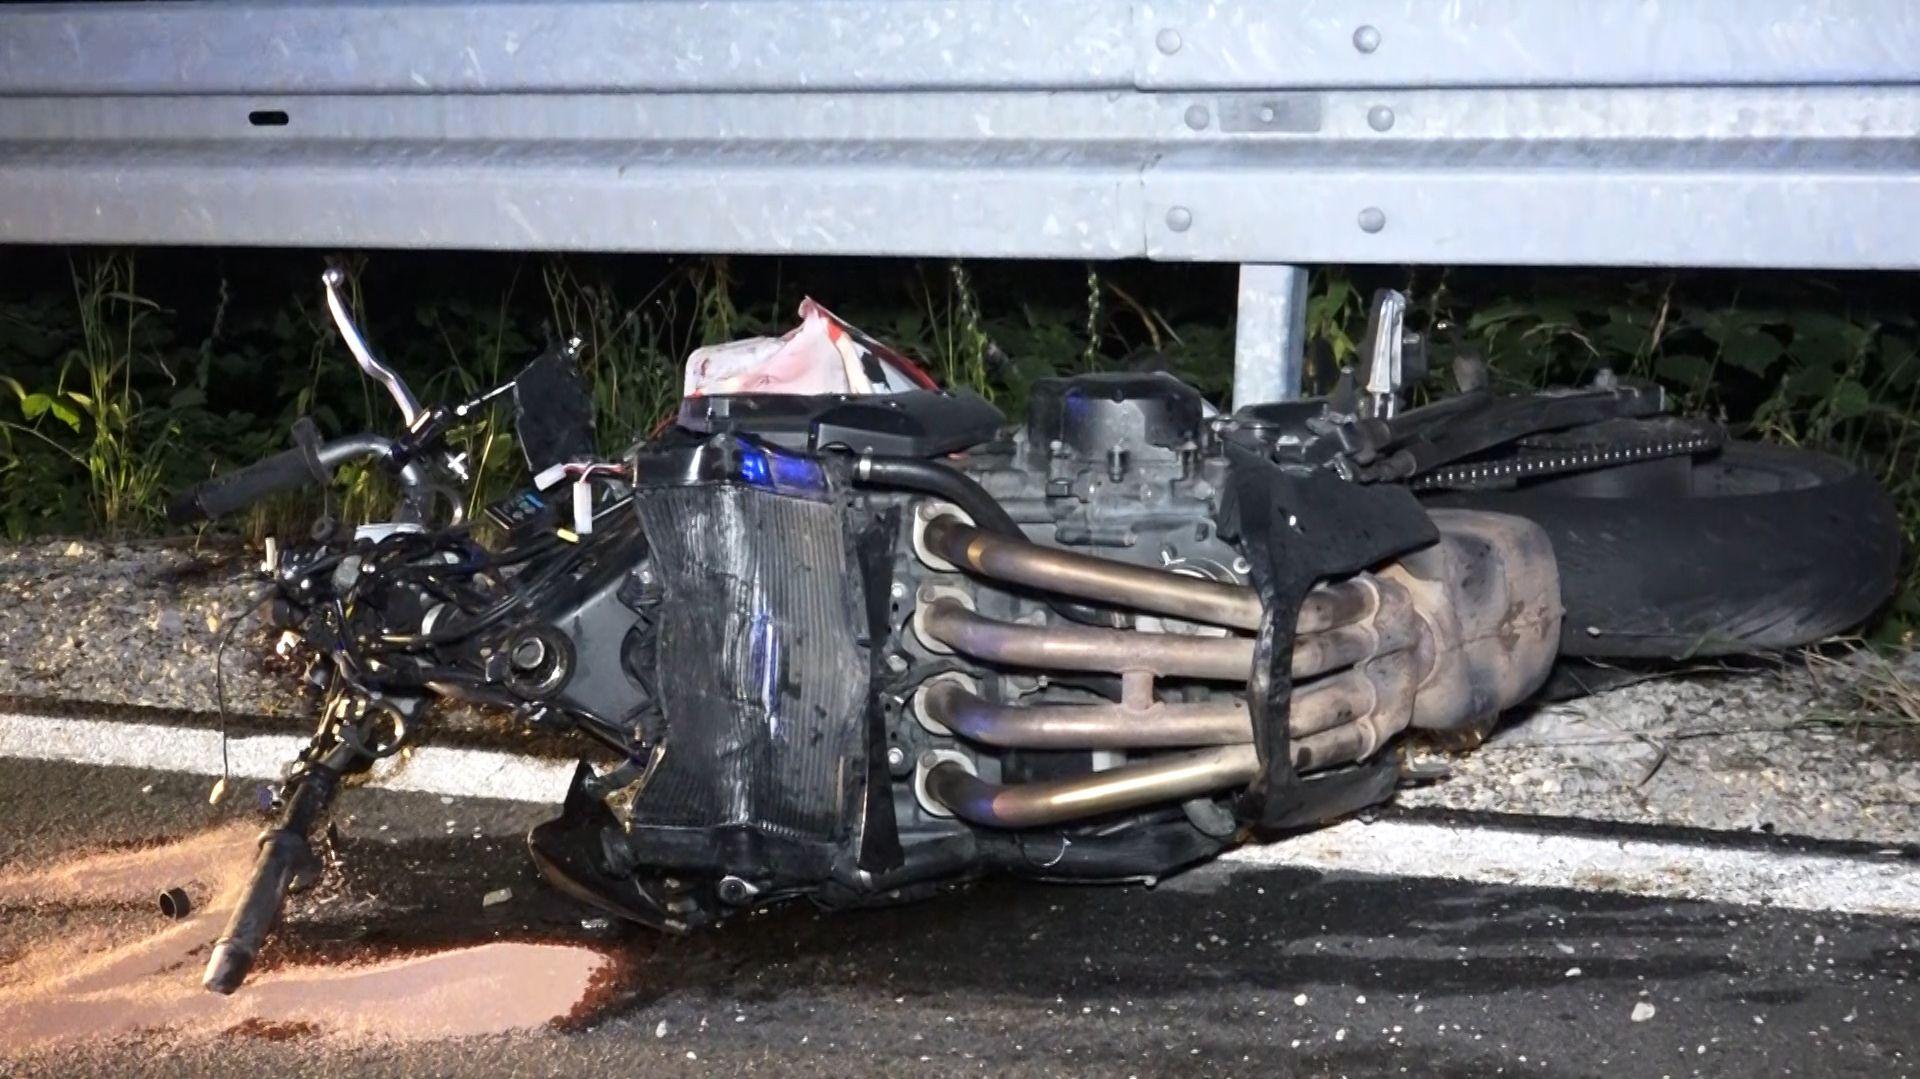 Zerstörtes Motorrad an einer Leitplanke